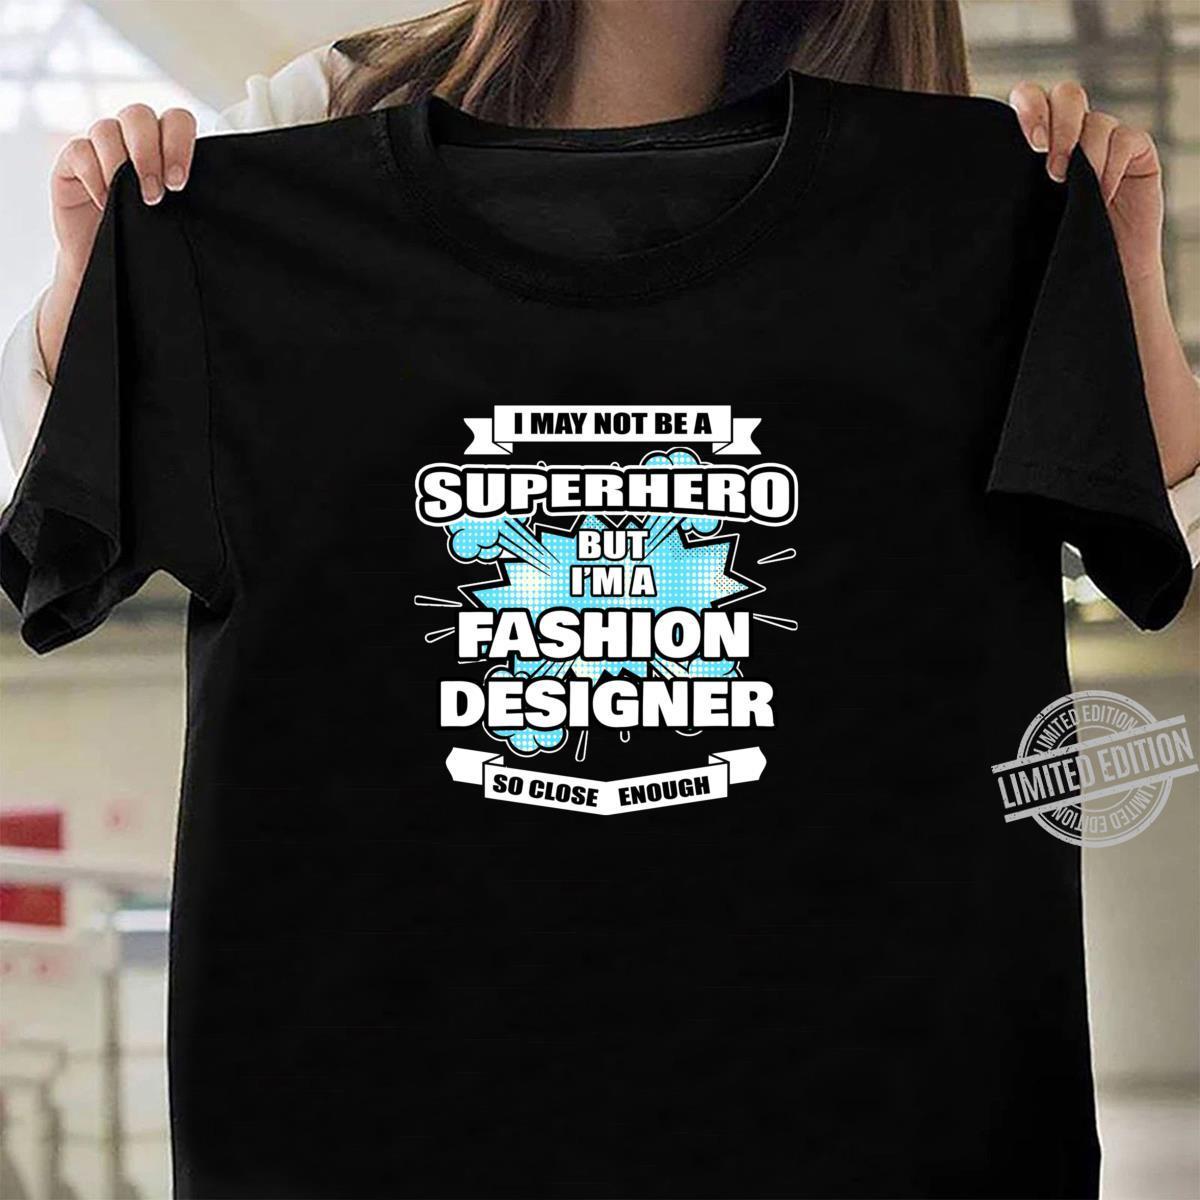 Fashion Designer Superhero Fashion Designer Shirt